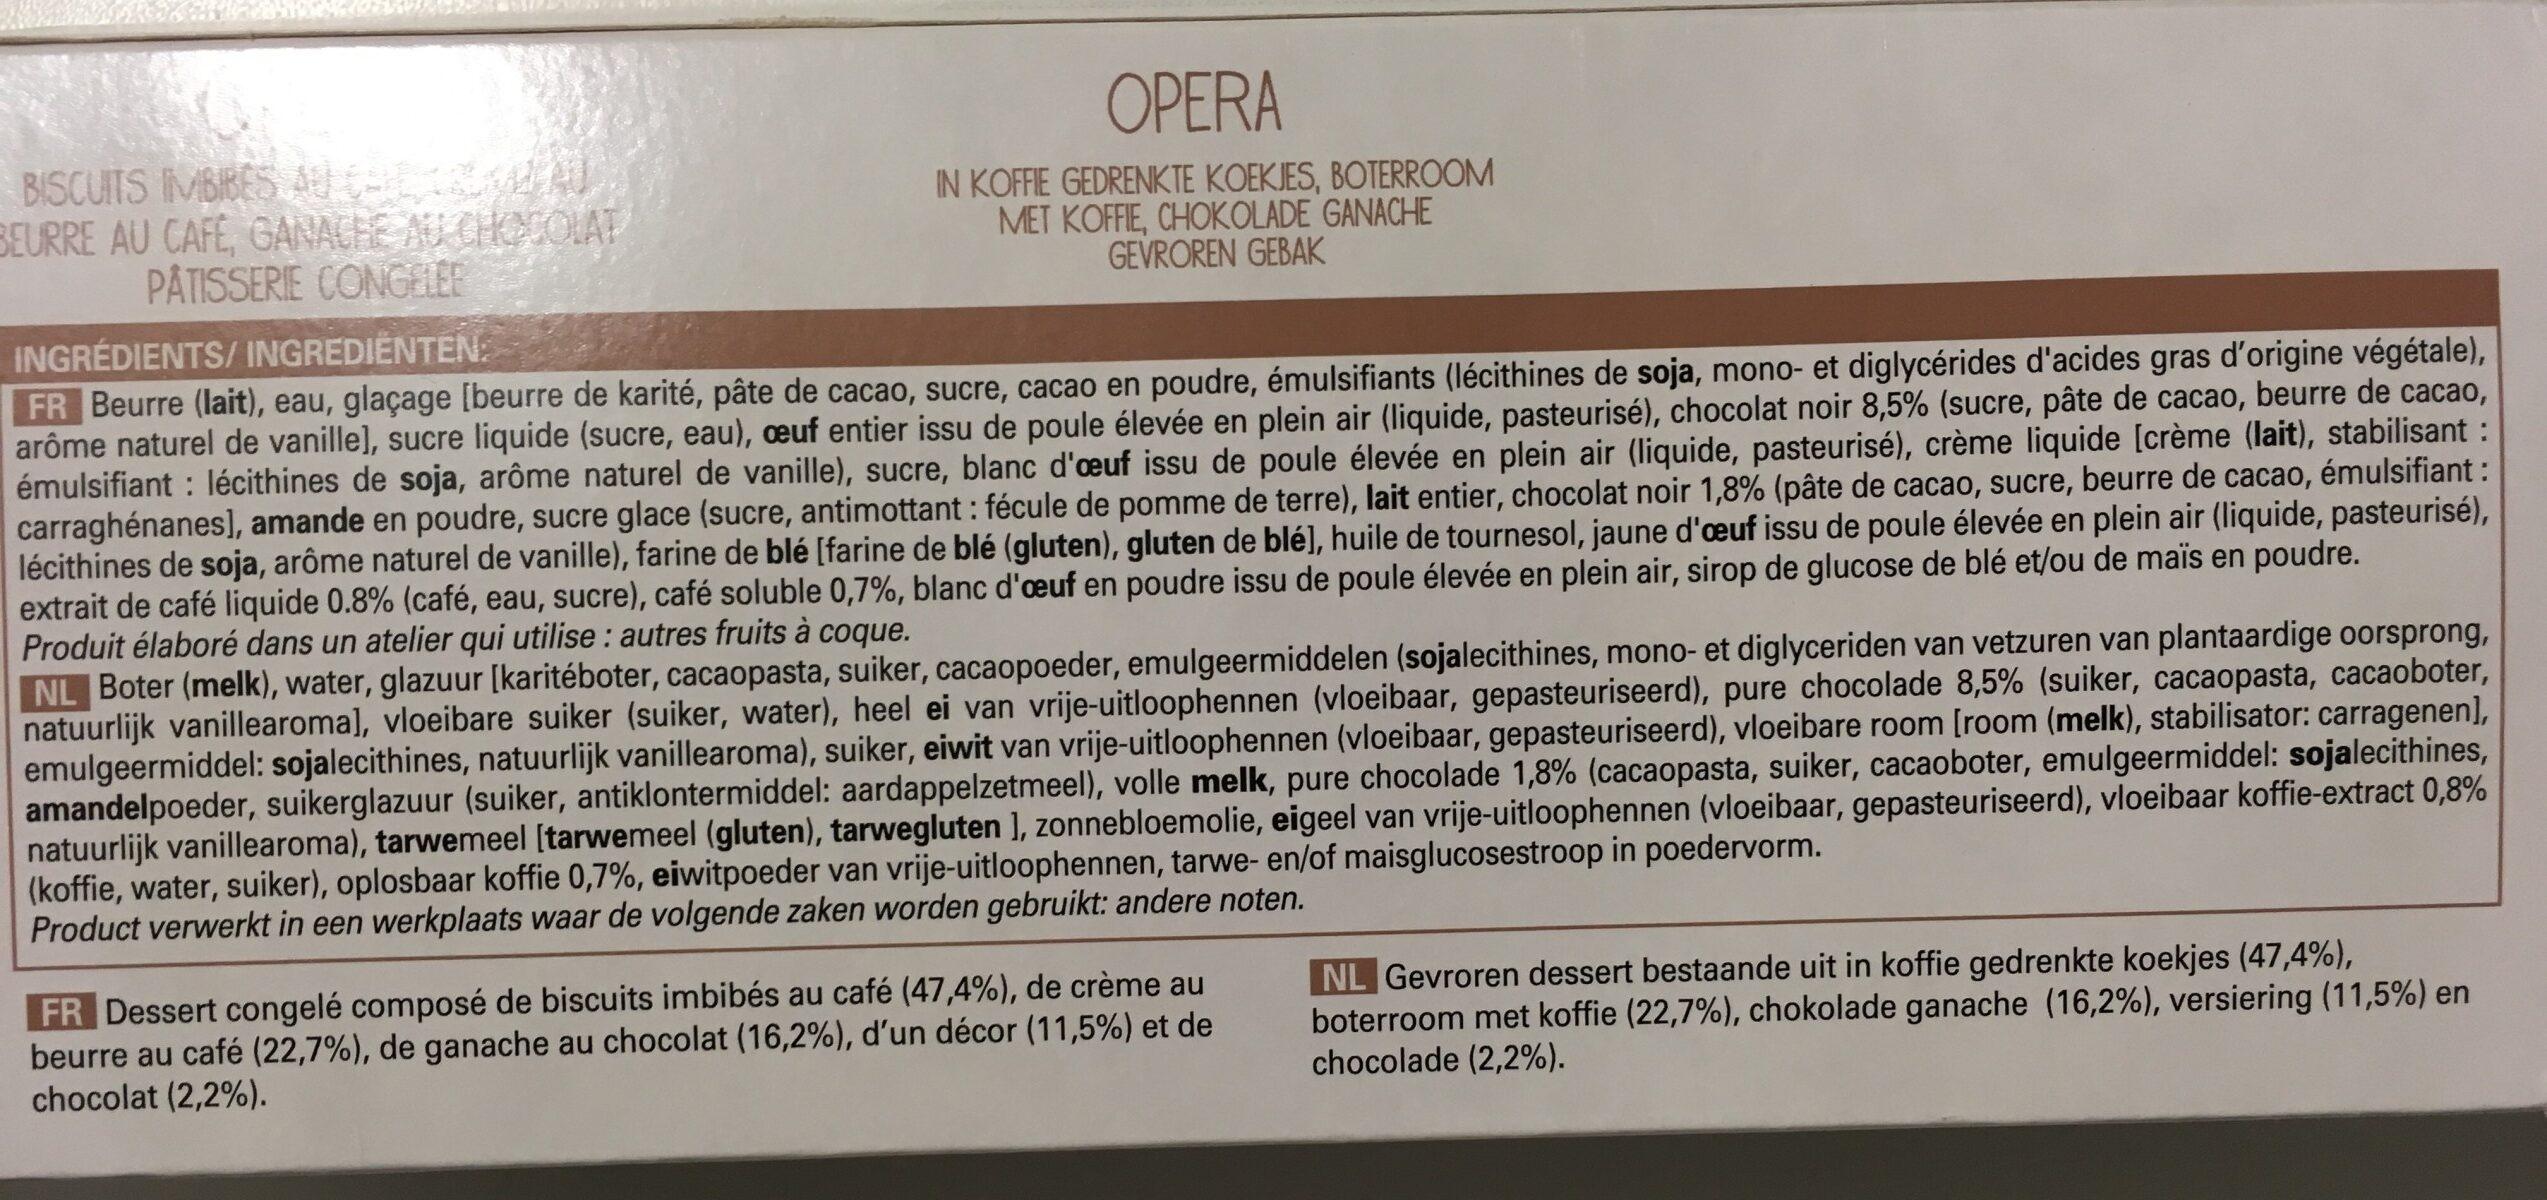 Opéra - Ingrédients - fr